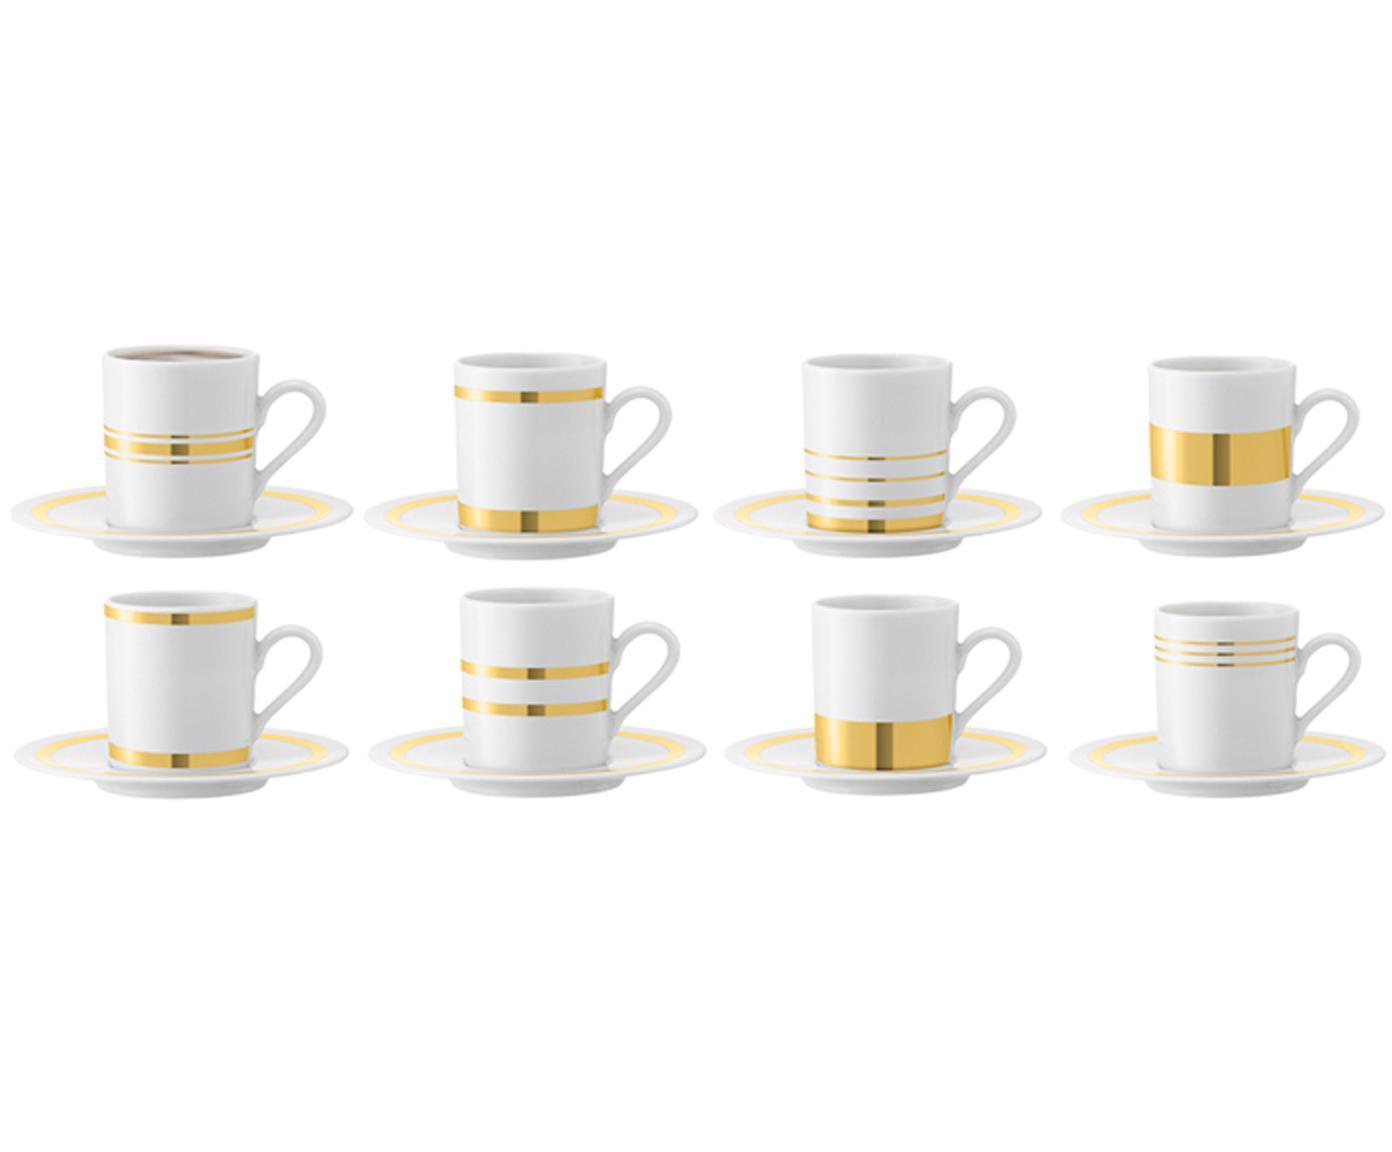 Espressokopjes met schoteltjes Deco met goudkleurig decoratie, 8 stuks, Porselein, Wit, goudkleurig, Ø 7 x H 7 cm